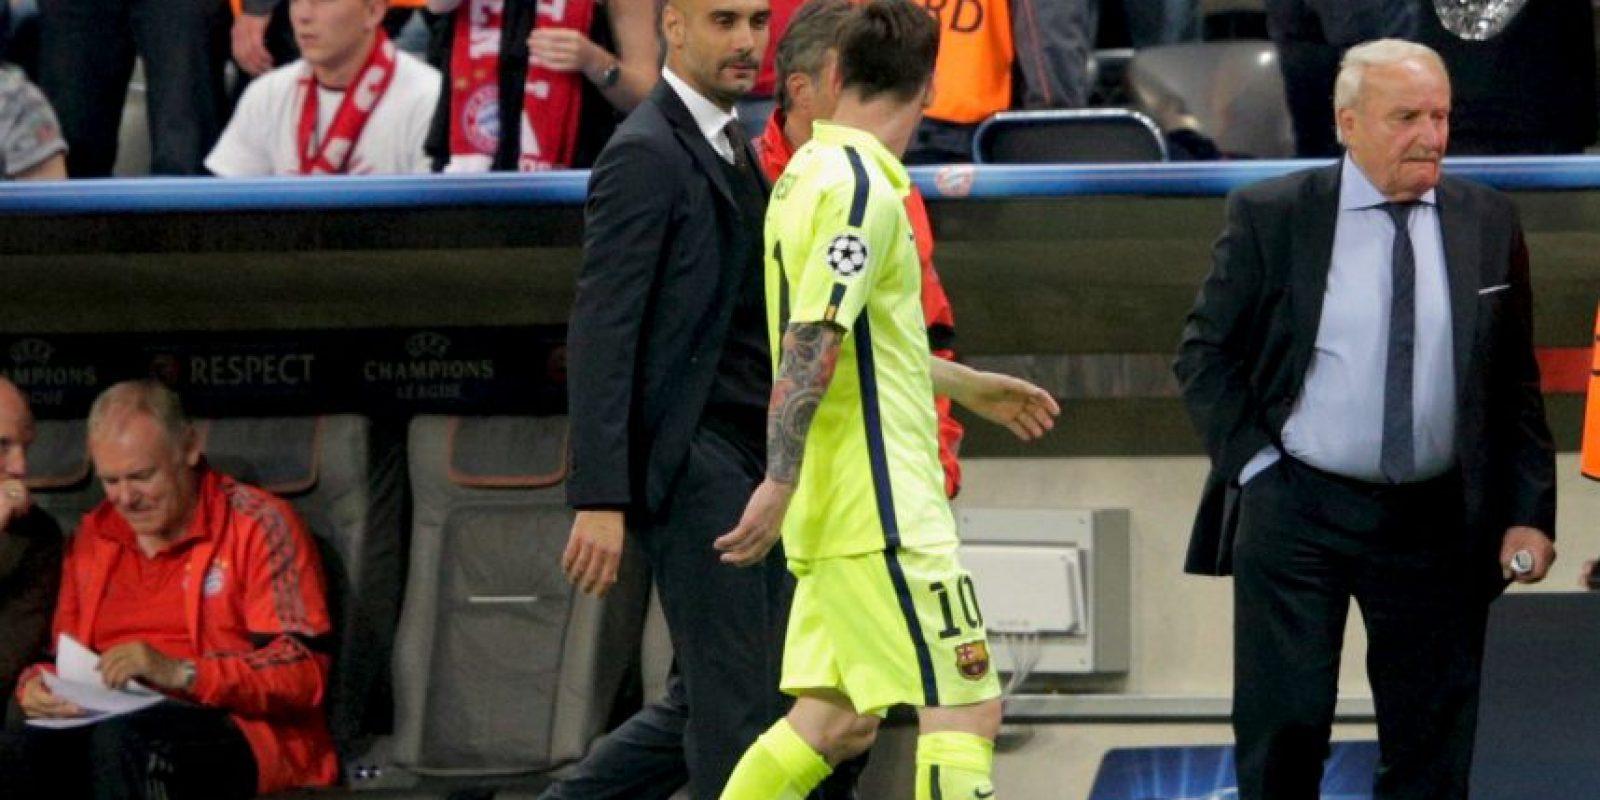 Con el club bávaro ha triunfado en la Liga de Alemania, pero ha quedado a deber a nivel internacional. Foto:Getty Images